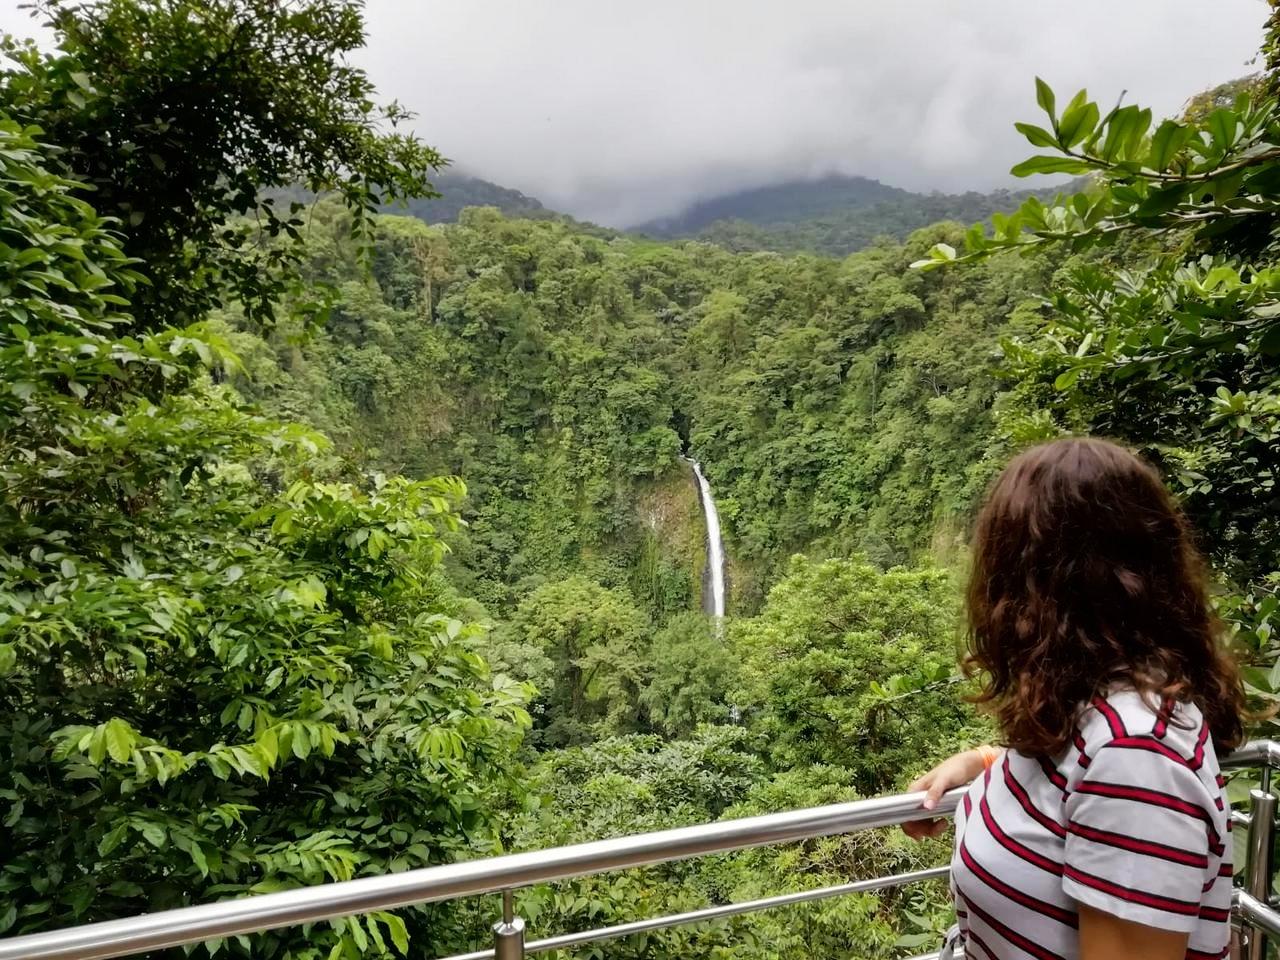 En el mirador desde donde se ve de lejos la Catarata La Fortuna.